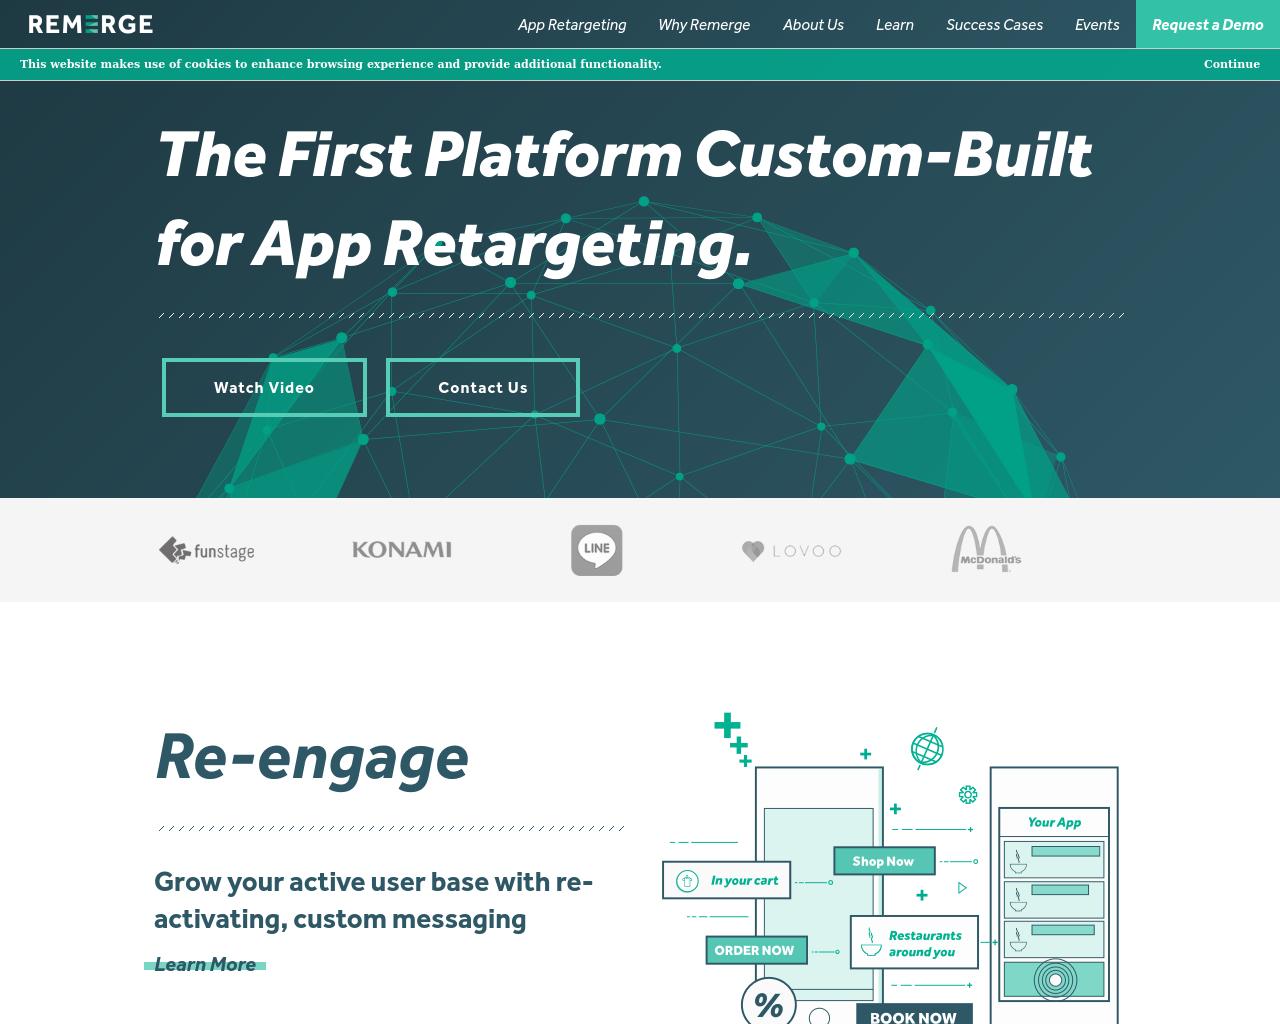 REMERGE-App-Retargeting-Advertising-Reviews-Pricing